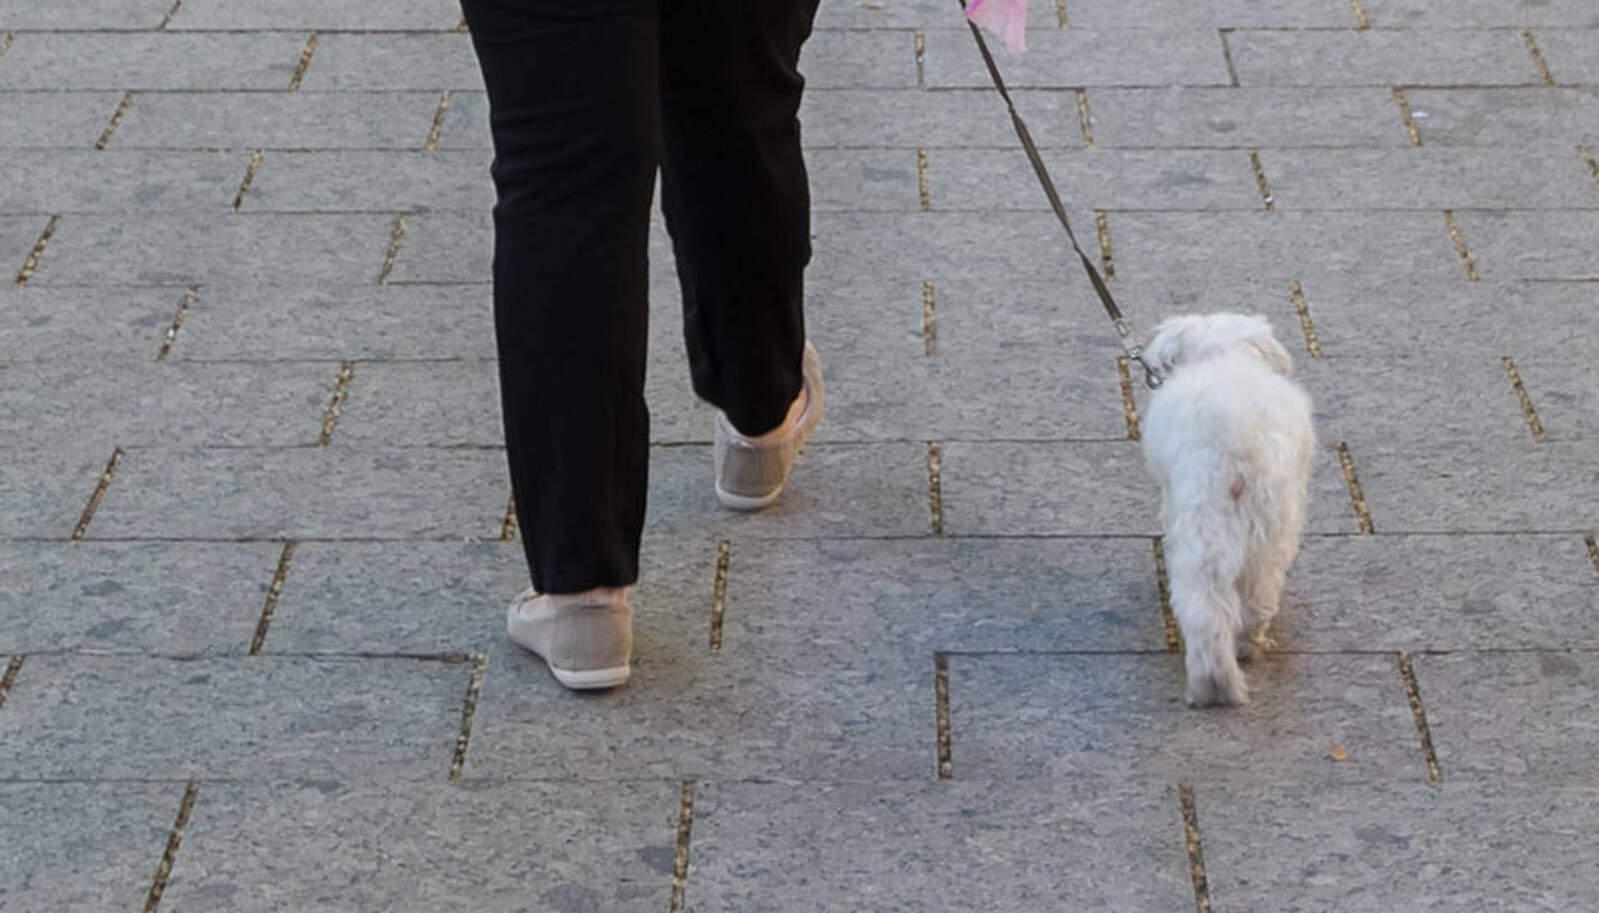 Una veïna passejant la seva mascota. Imatge d'arxiu.